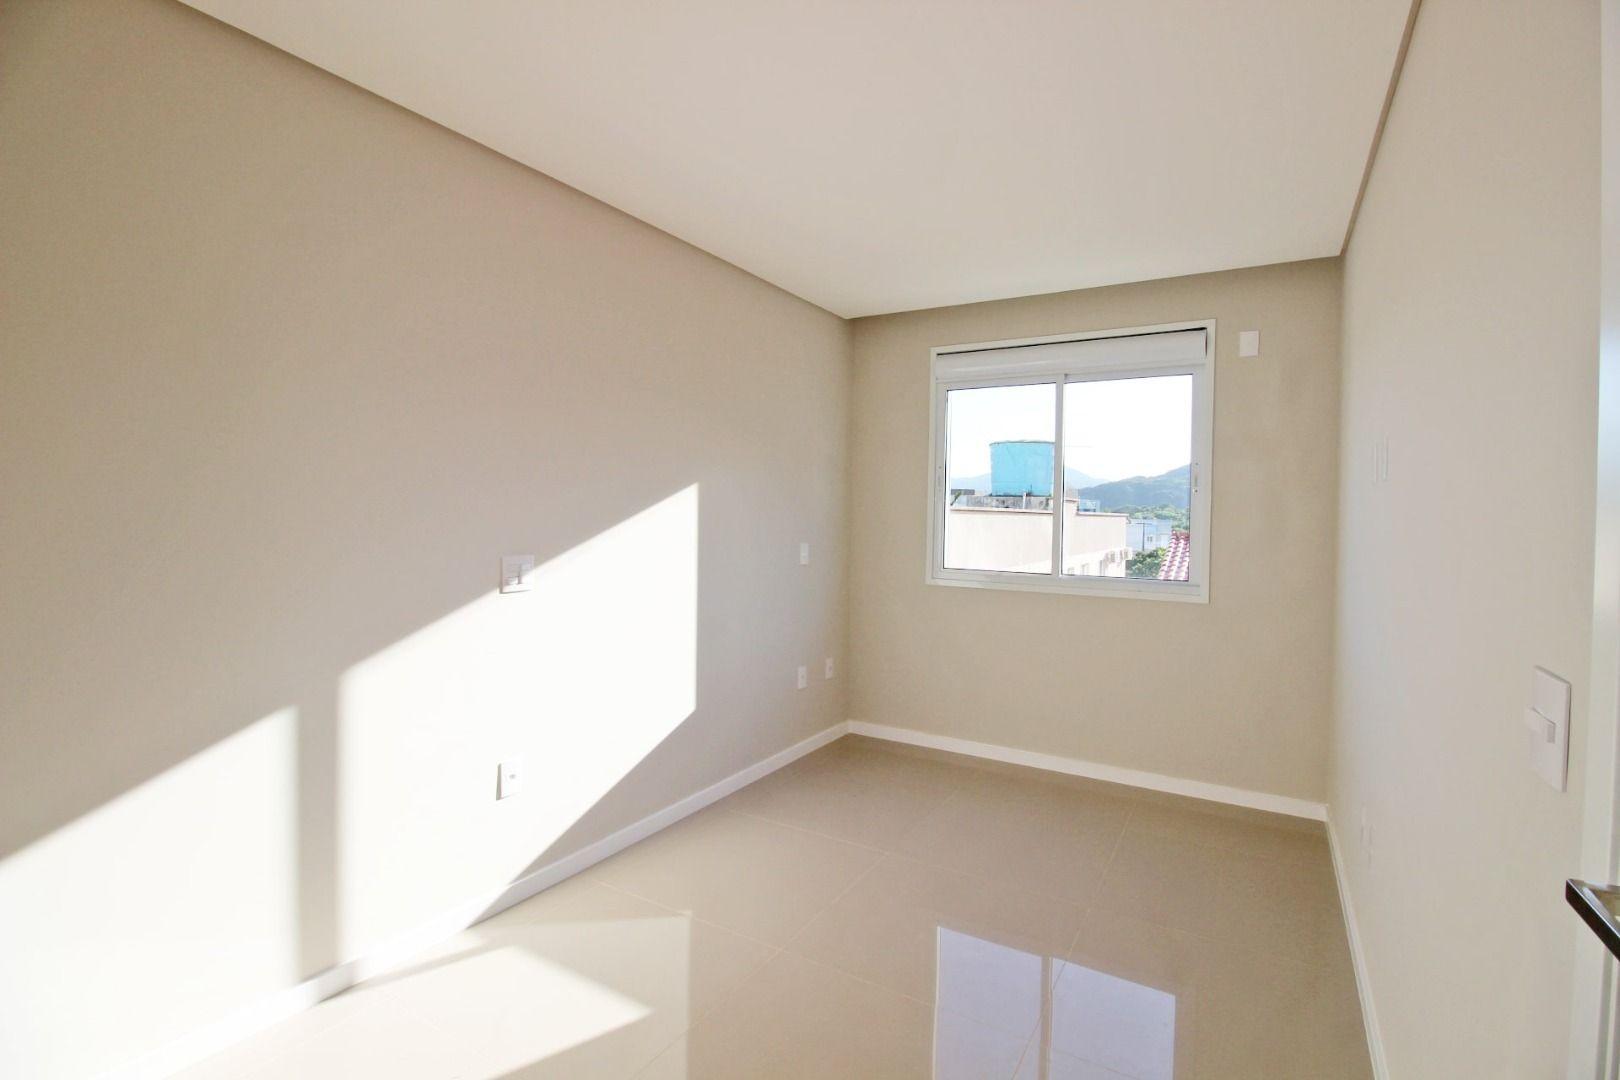 Apartamento com 2 Dormitórios à venda, 82 m² por R$ 1.050.000,00